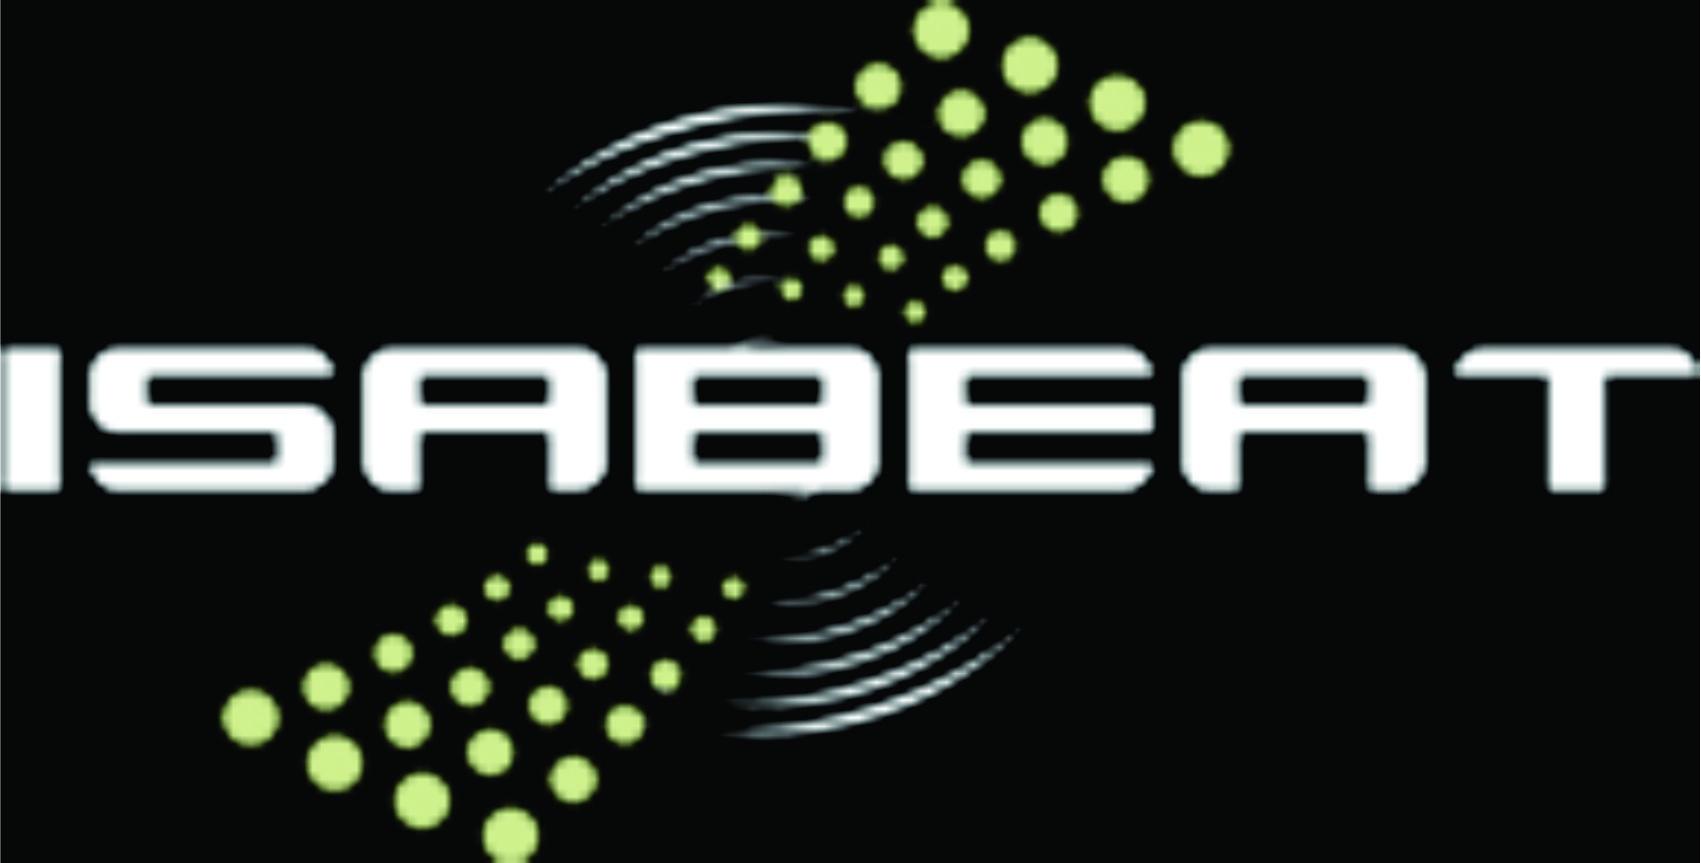 https://0201.nccdn.net/4_2/000/000/038/2d3/Logo-1701x863.jpg